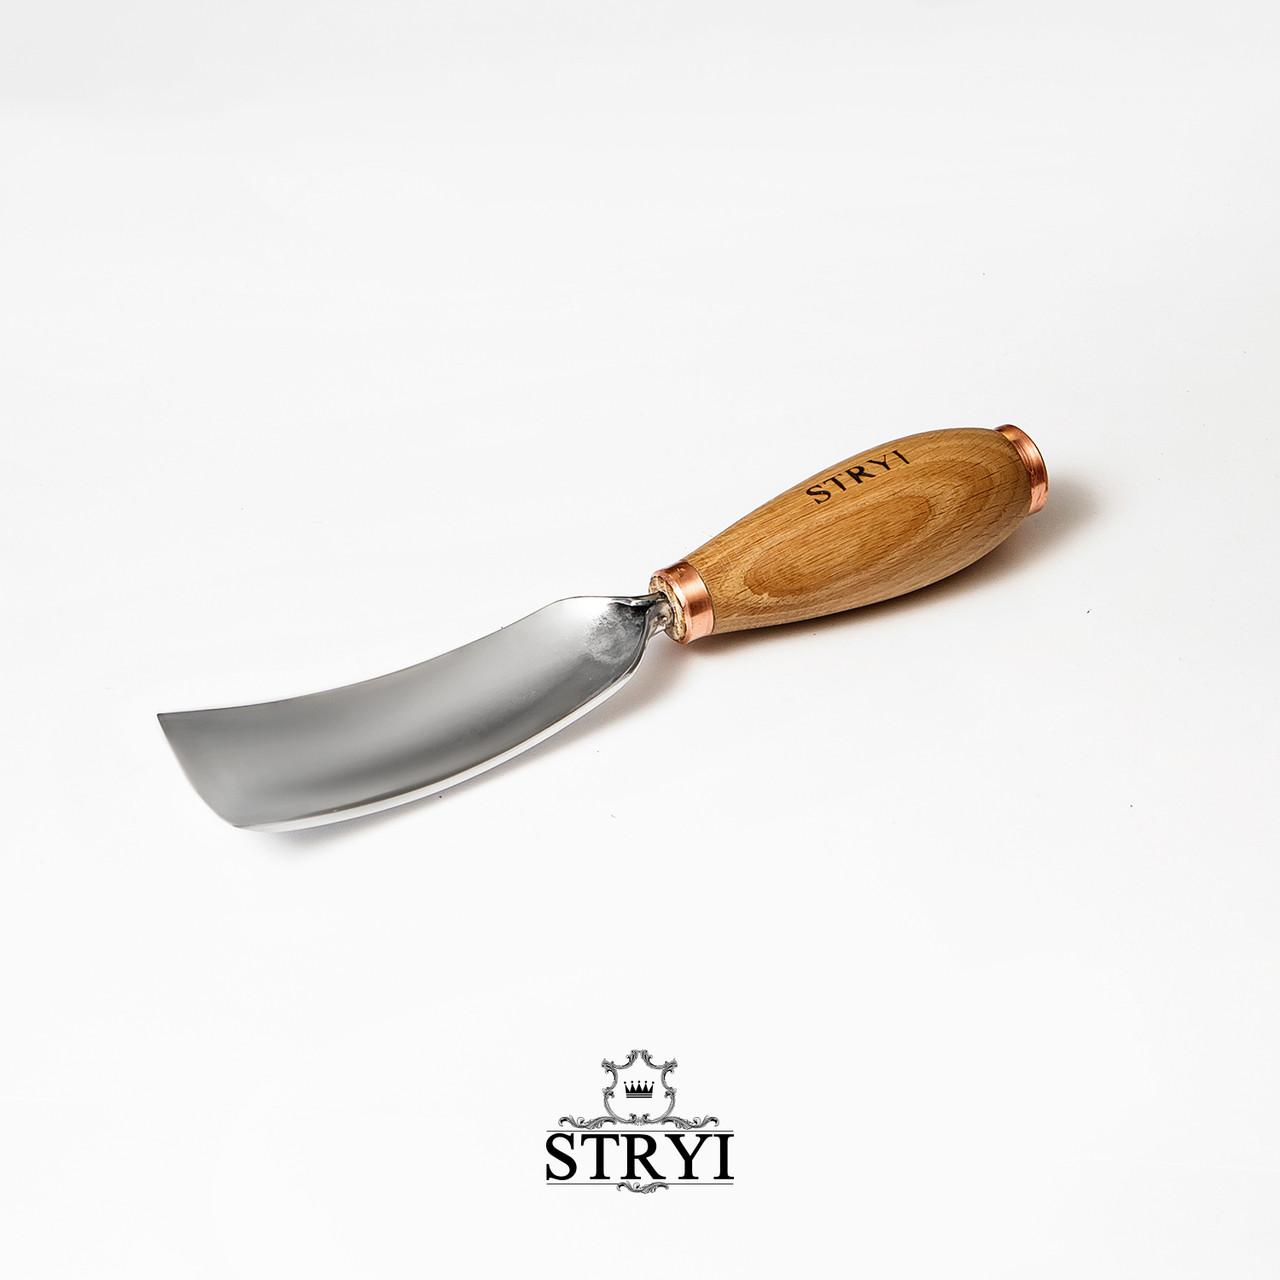 Ударная стамеска для резьбы по дереву клюкарза 70 мм